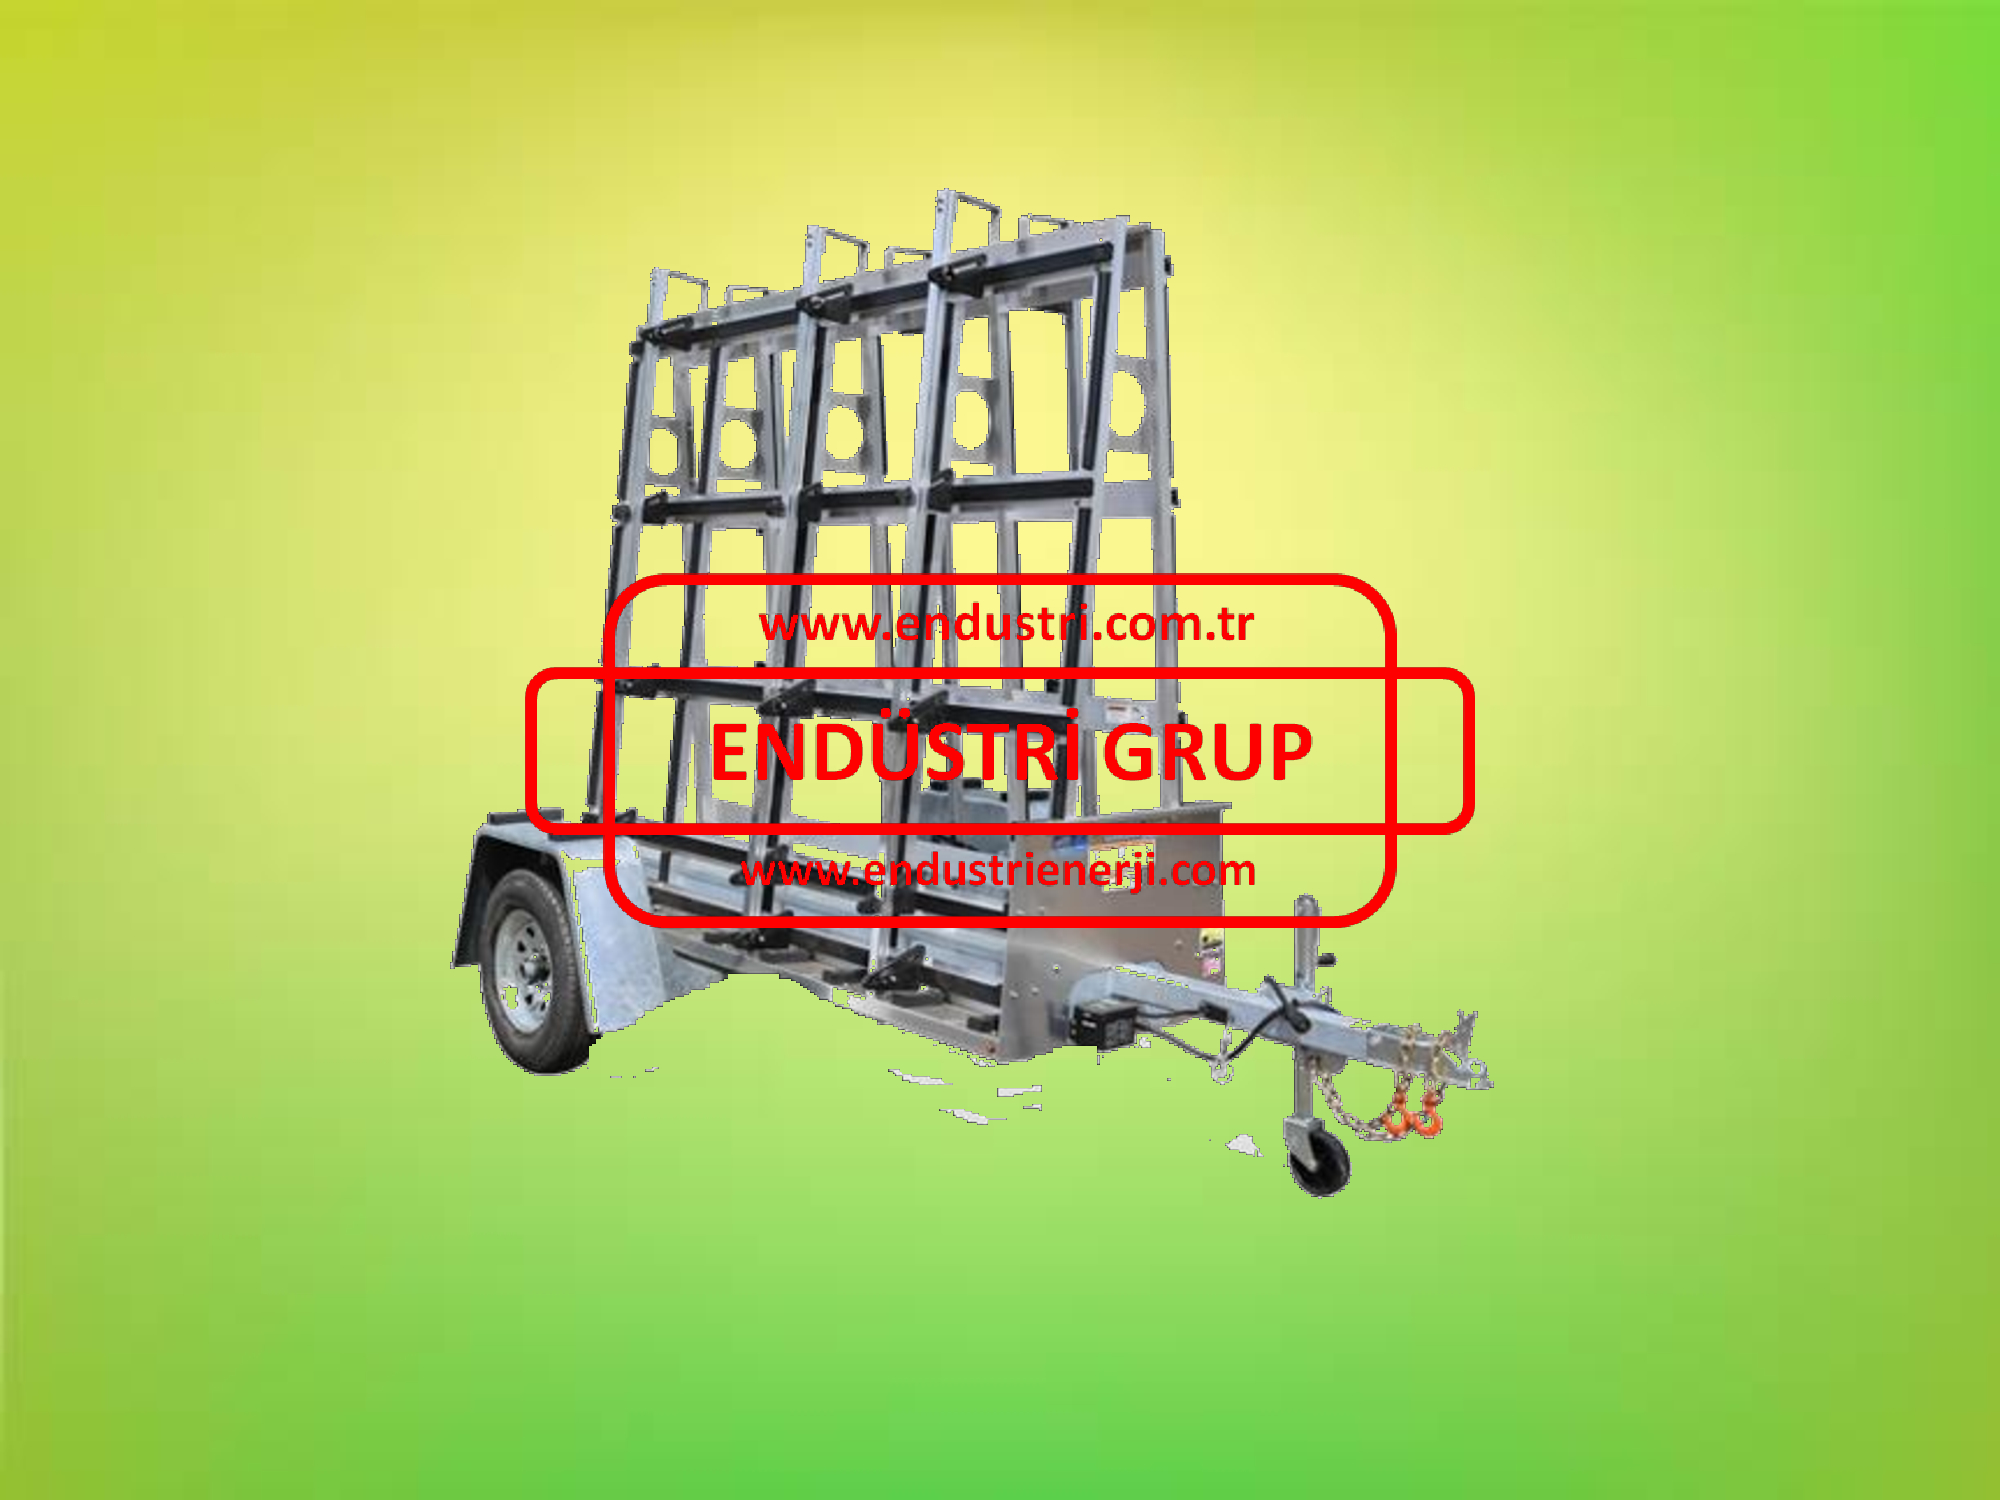 cam-tasima-stoklama-arabasi-konstruksiyonu-fiyatı